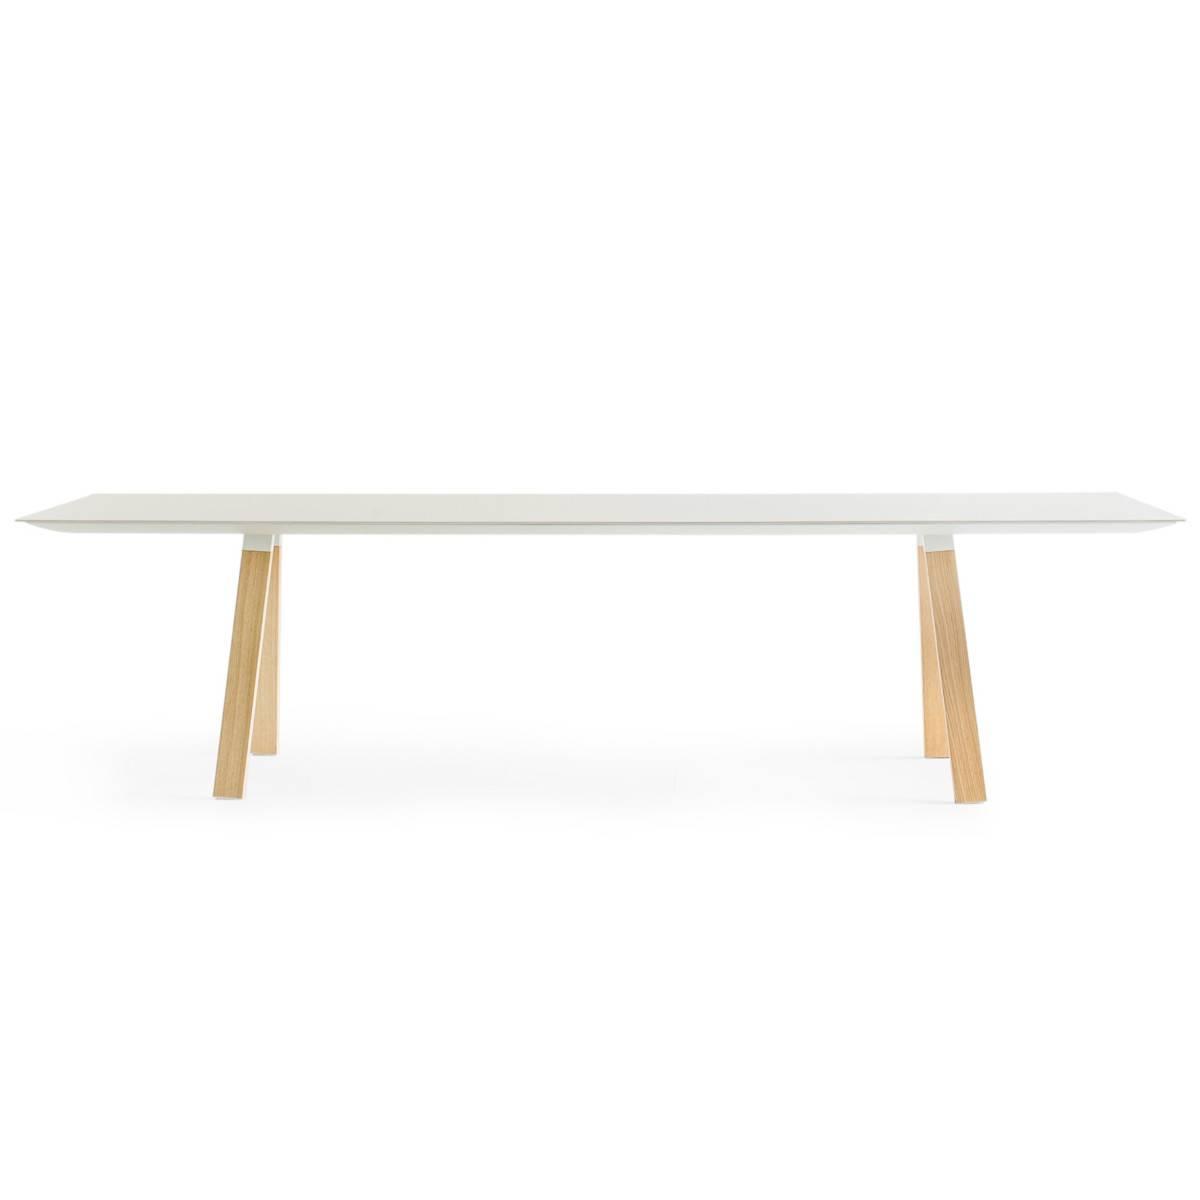 ARKI-TABLE Wood